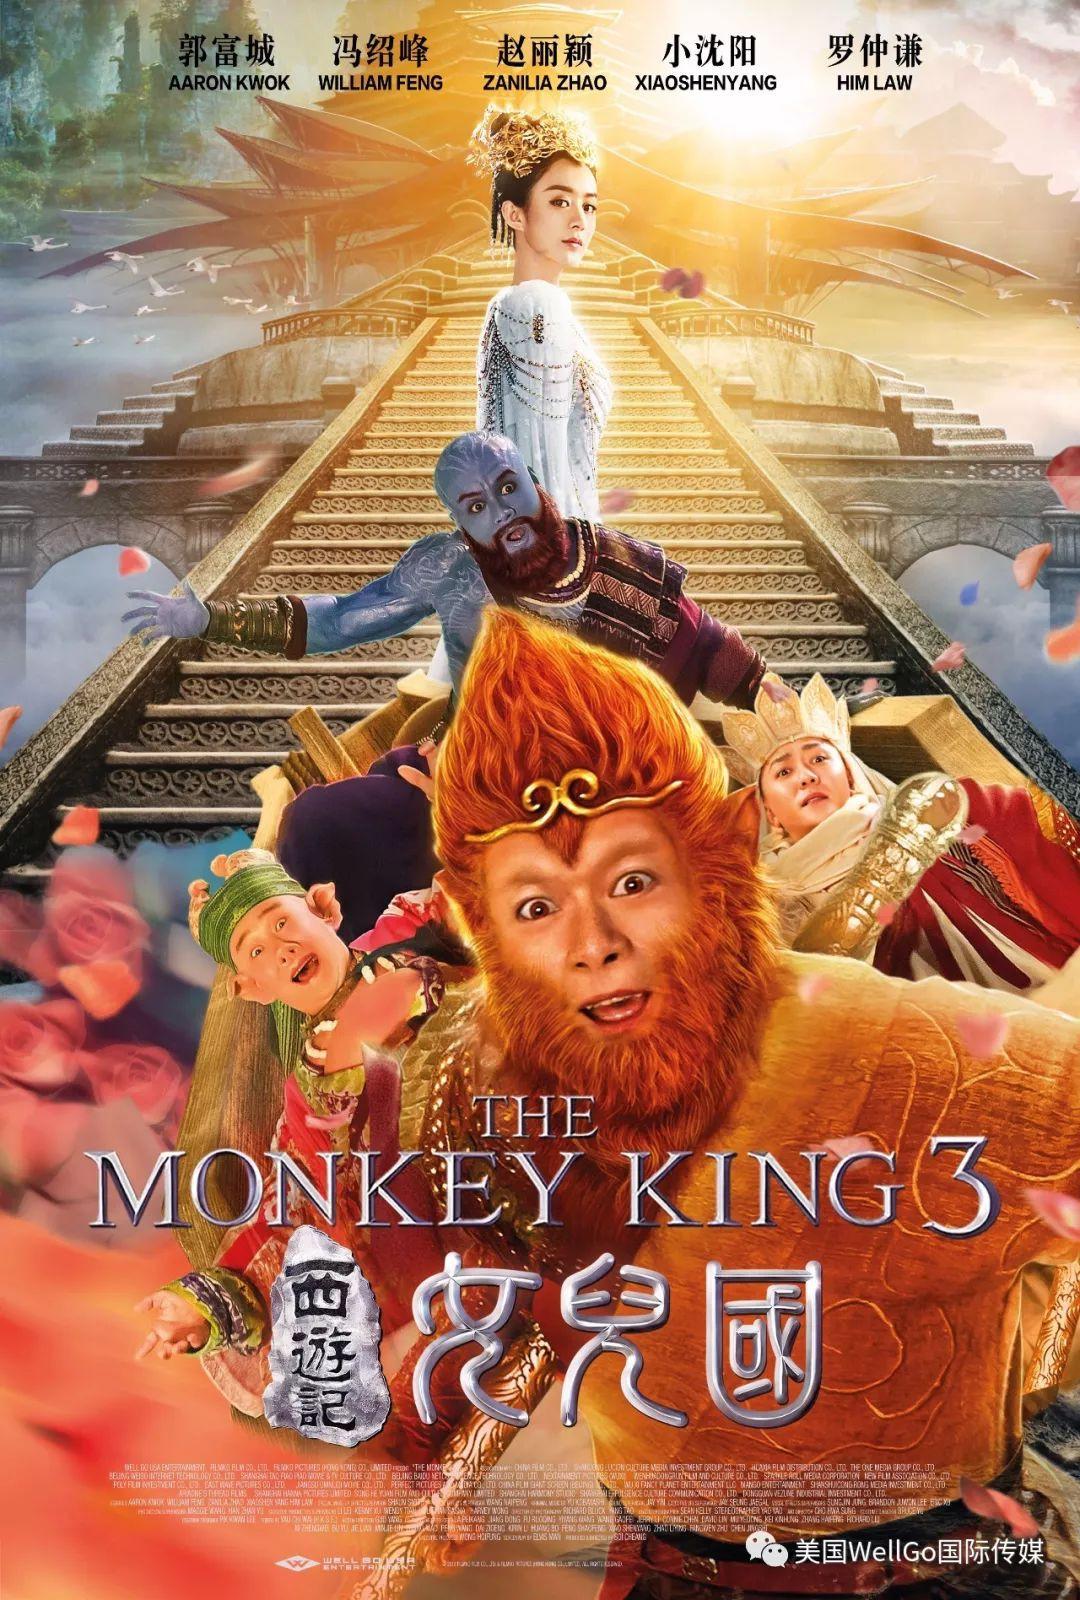 魔幻电影《西游记女儿国-THE MONKEY KING 3》全北美2月16日重磅上映!2018 超狂卡司 最受期待的一部!